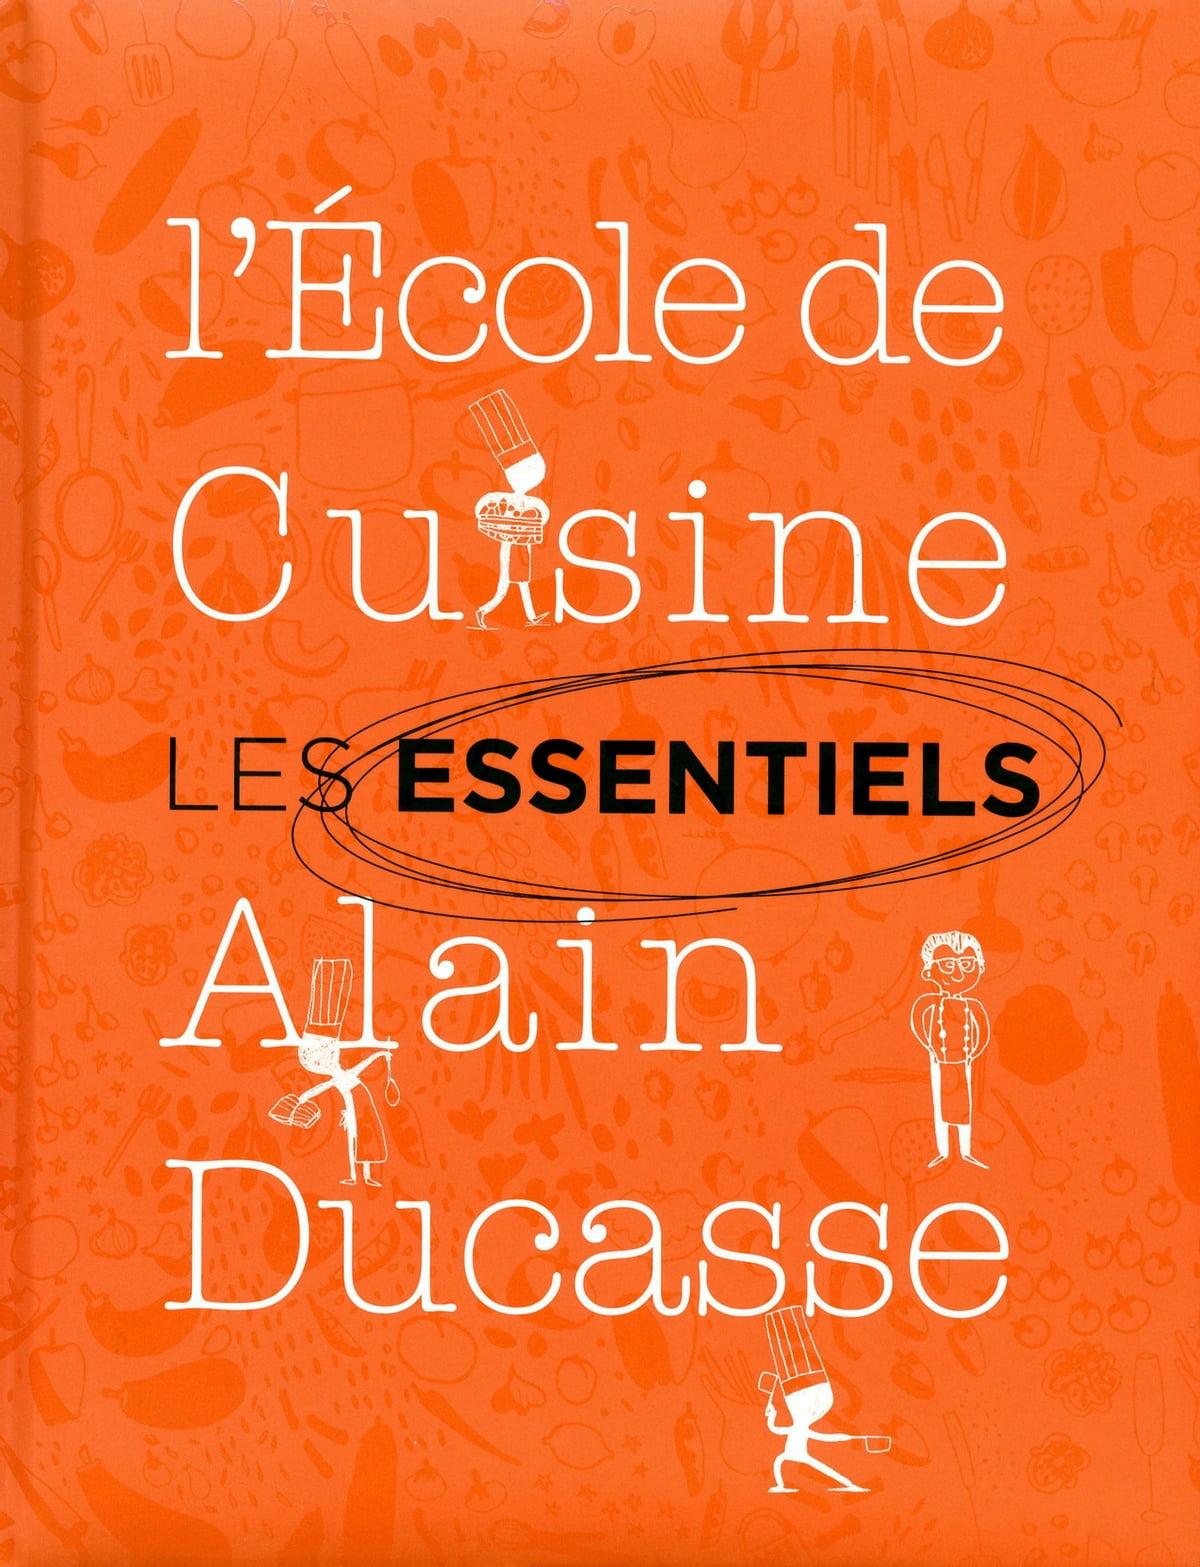 Ecole De Cuisine Alain Ducasse : ecole, cuisine, alain, ducasse, Essentiels, L'école, Cuisine, Alain, Ducasse, EBook, 9782841235315, Rakuten, United, States